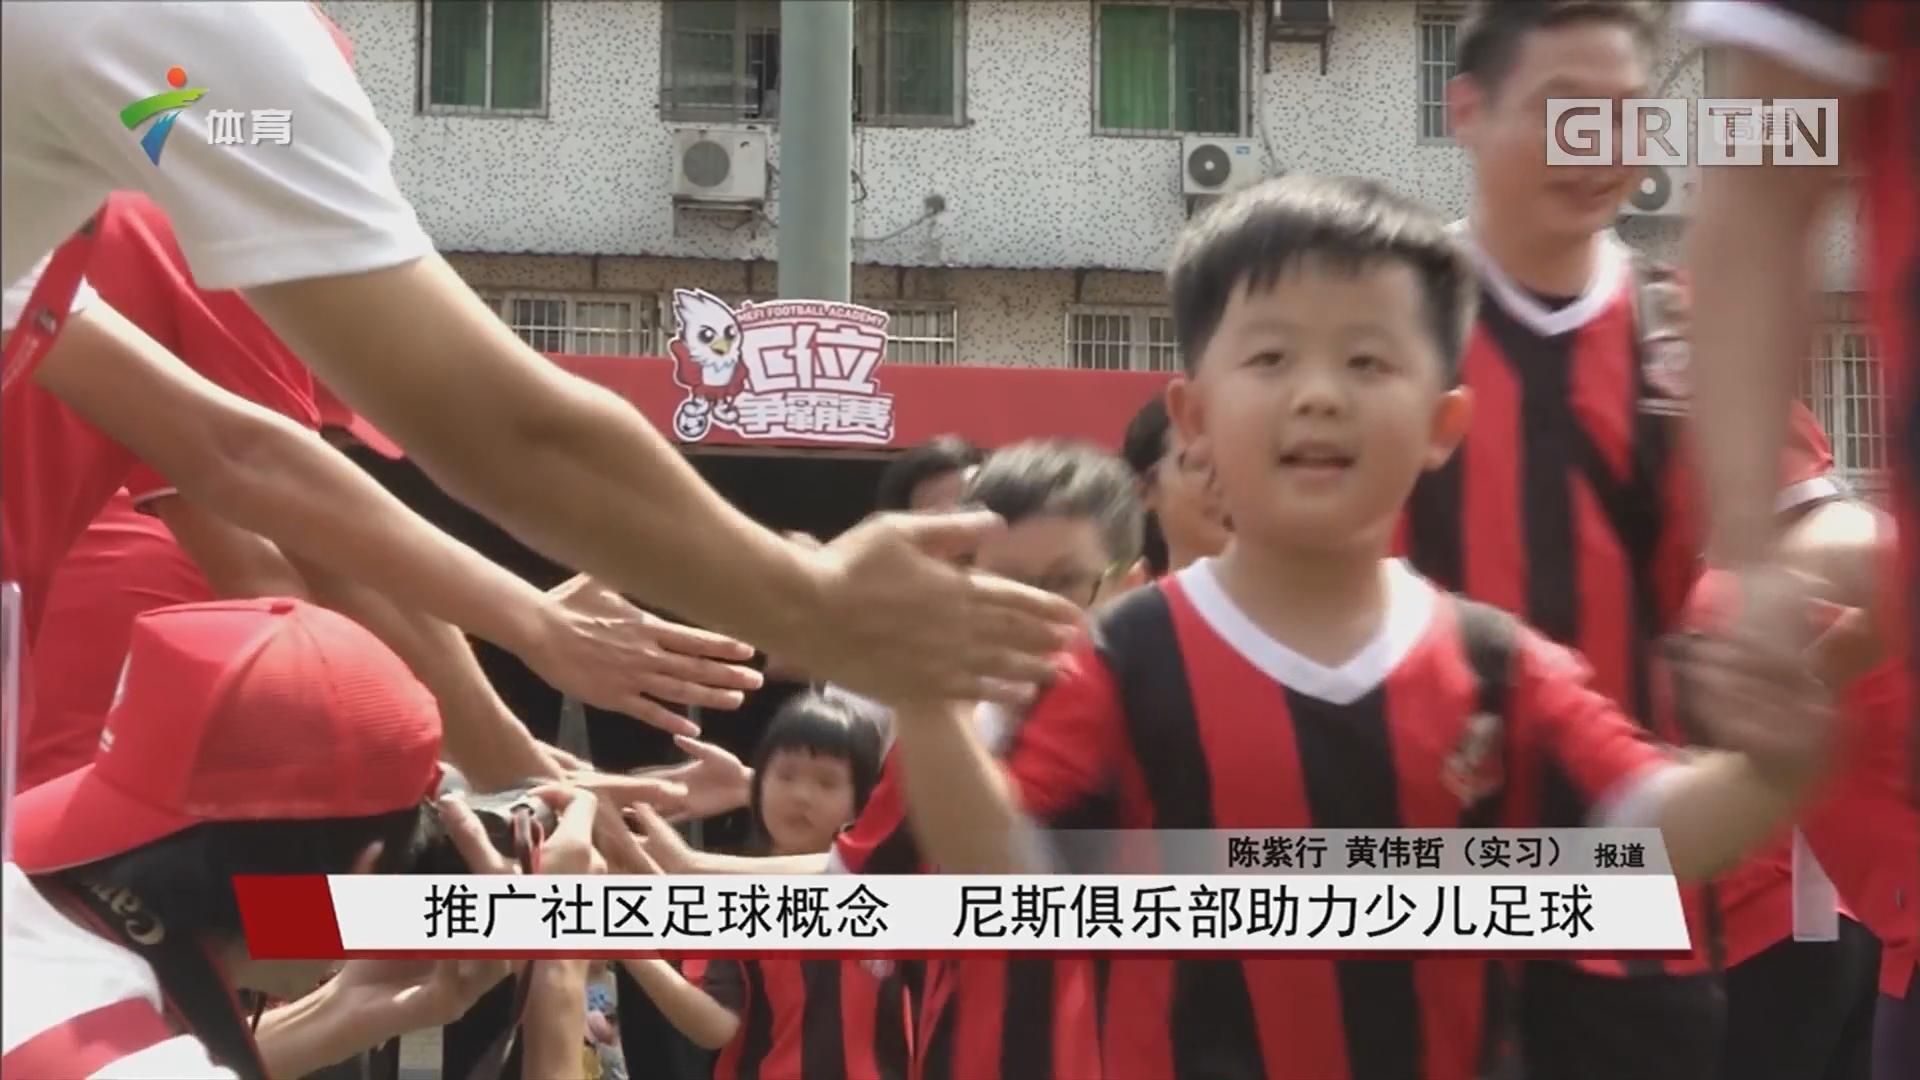 推广社区足球概念 尼斯俱乐部助力少儿足球